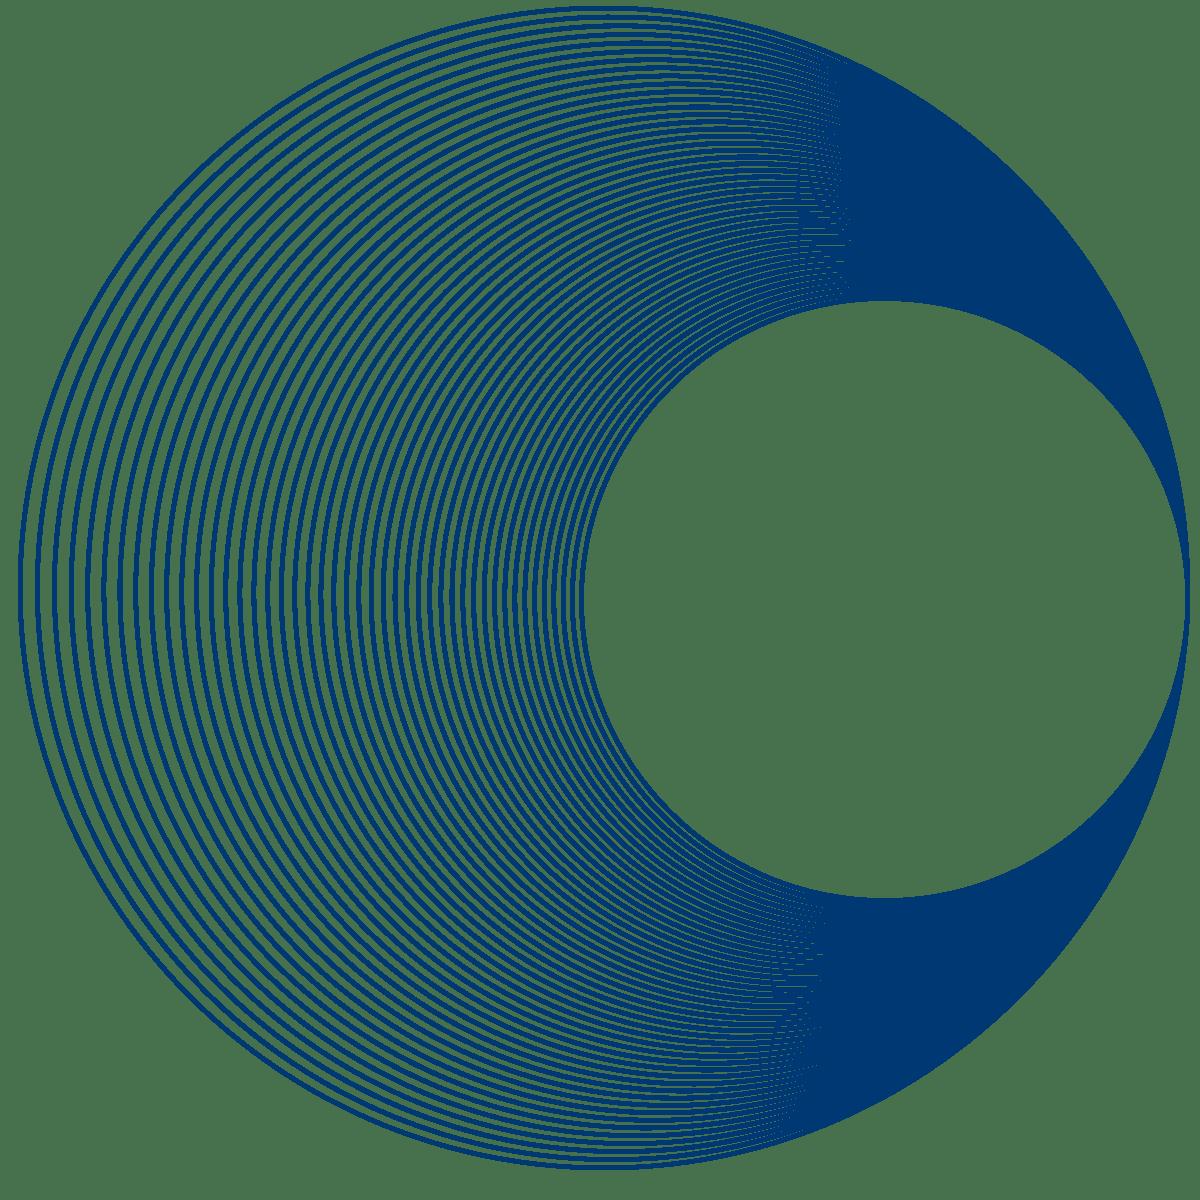 linar-circle-big